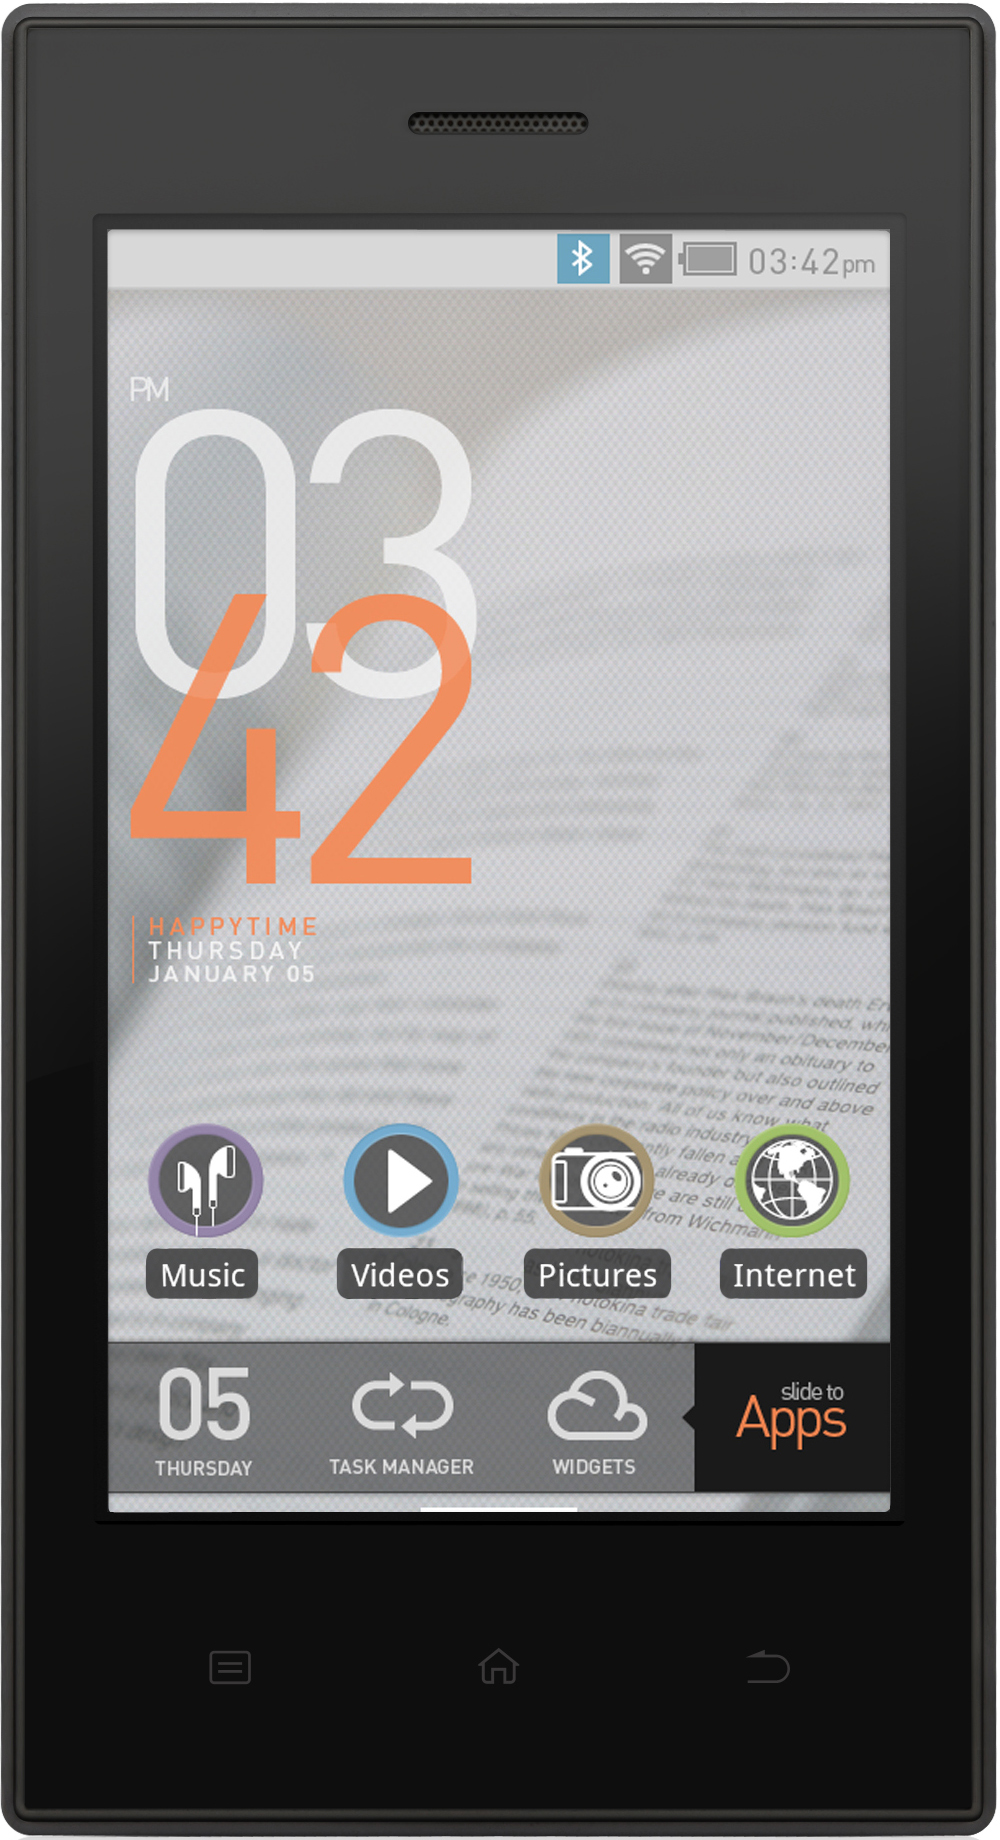 Флеш Плеер для Андроид 2.2 скачать